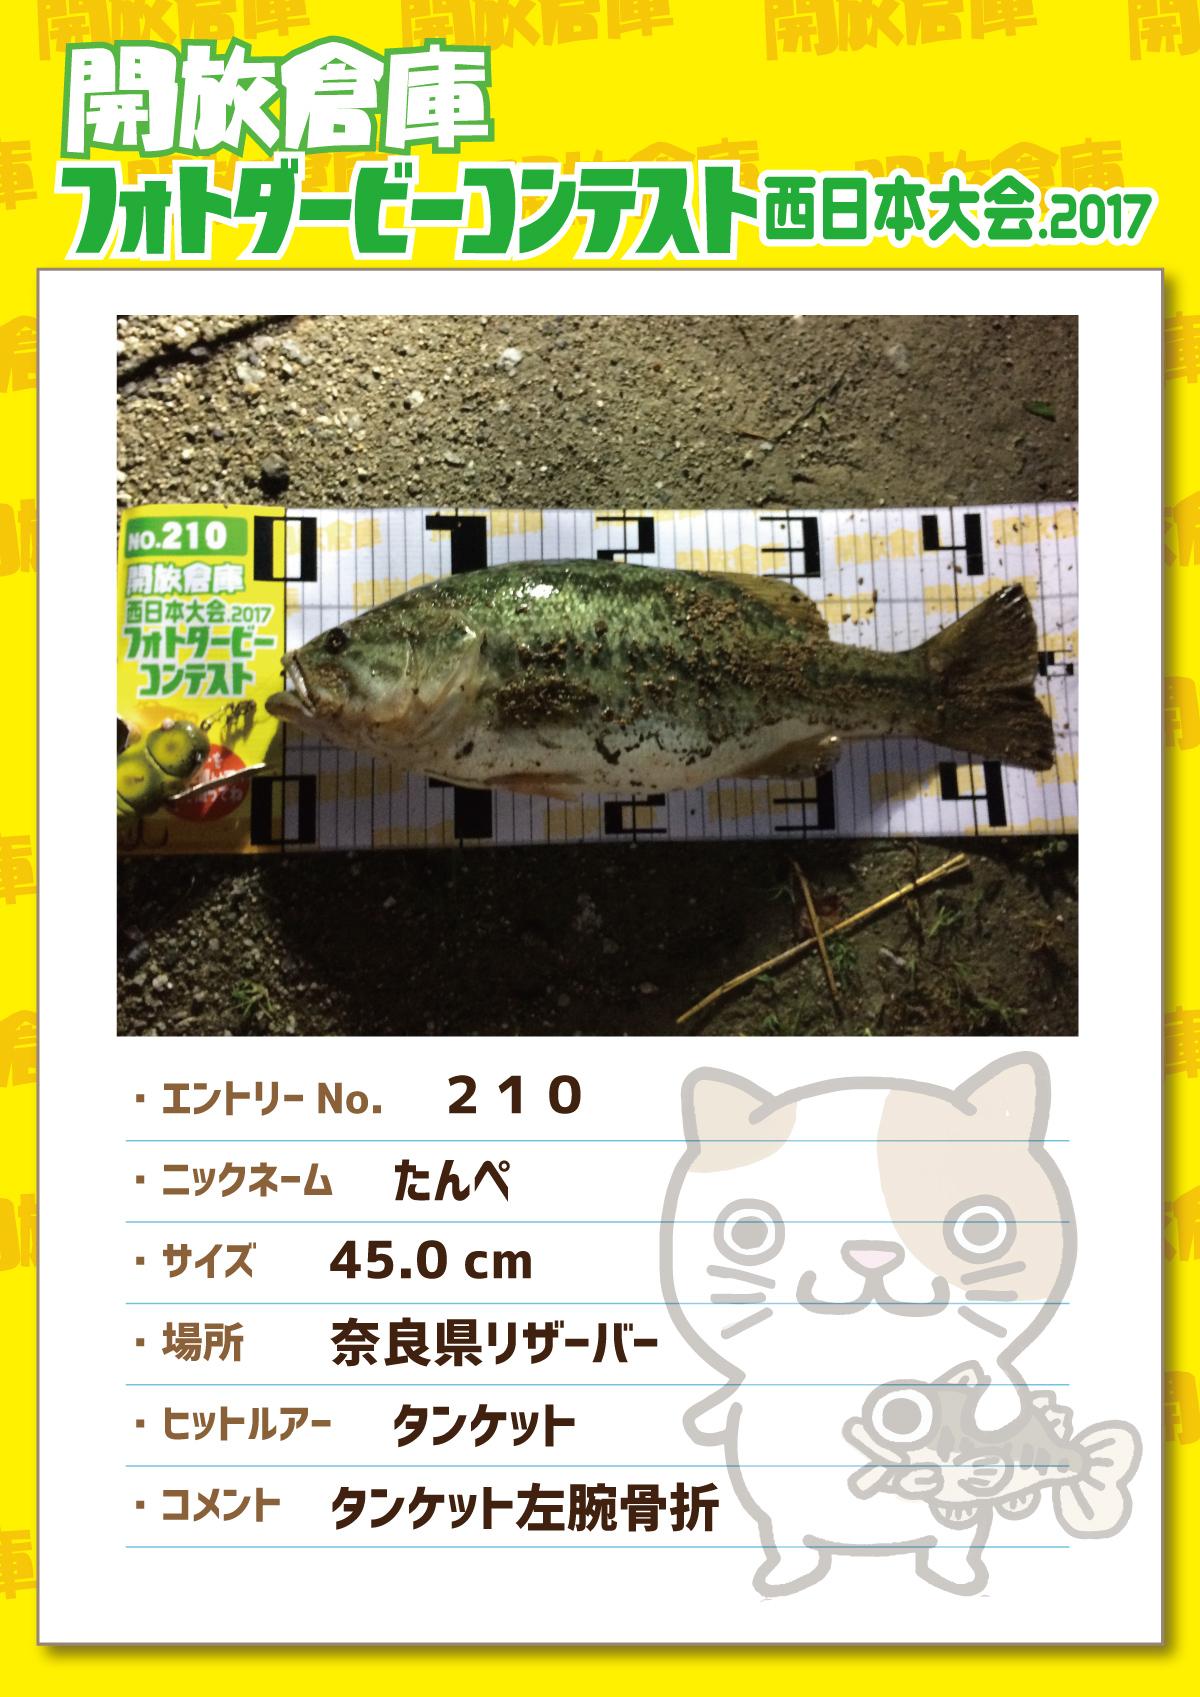 No.210 たんぺ 45.0cm 奈良県リザーバー タンケット タンケット左腕骨折